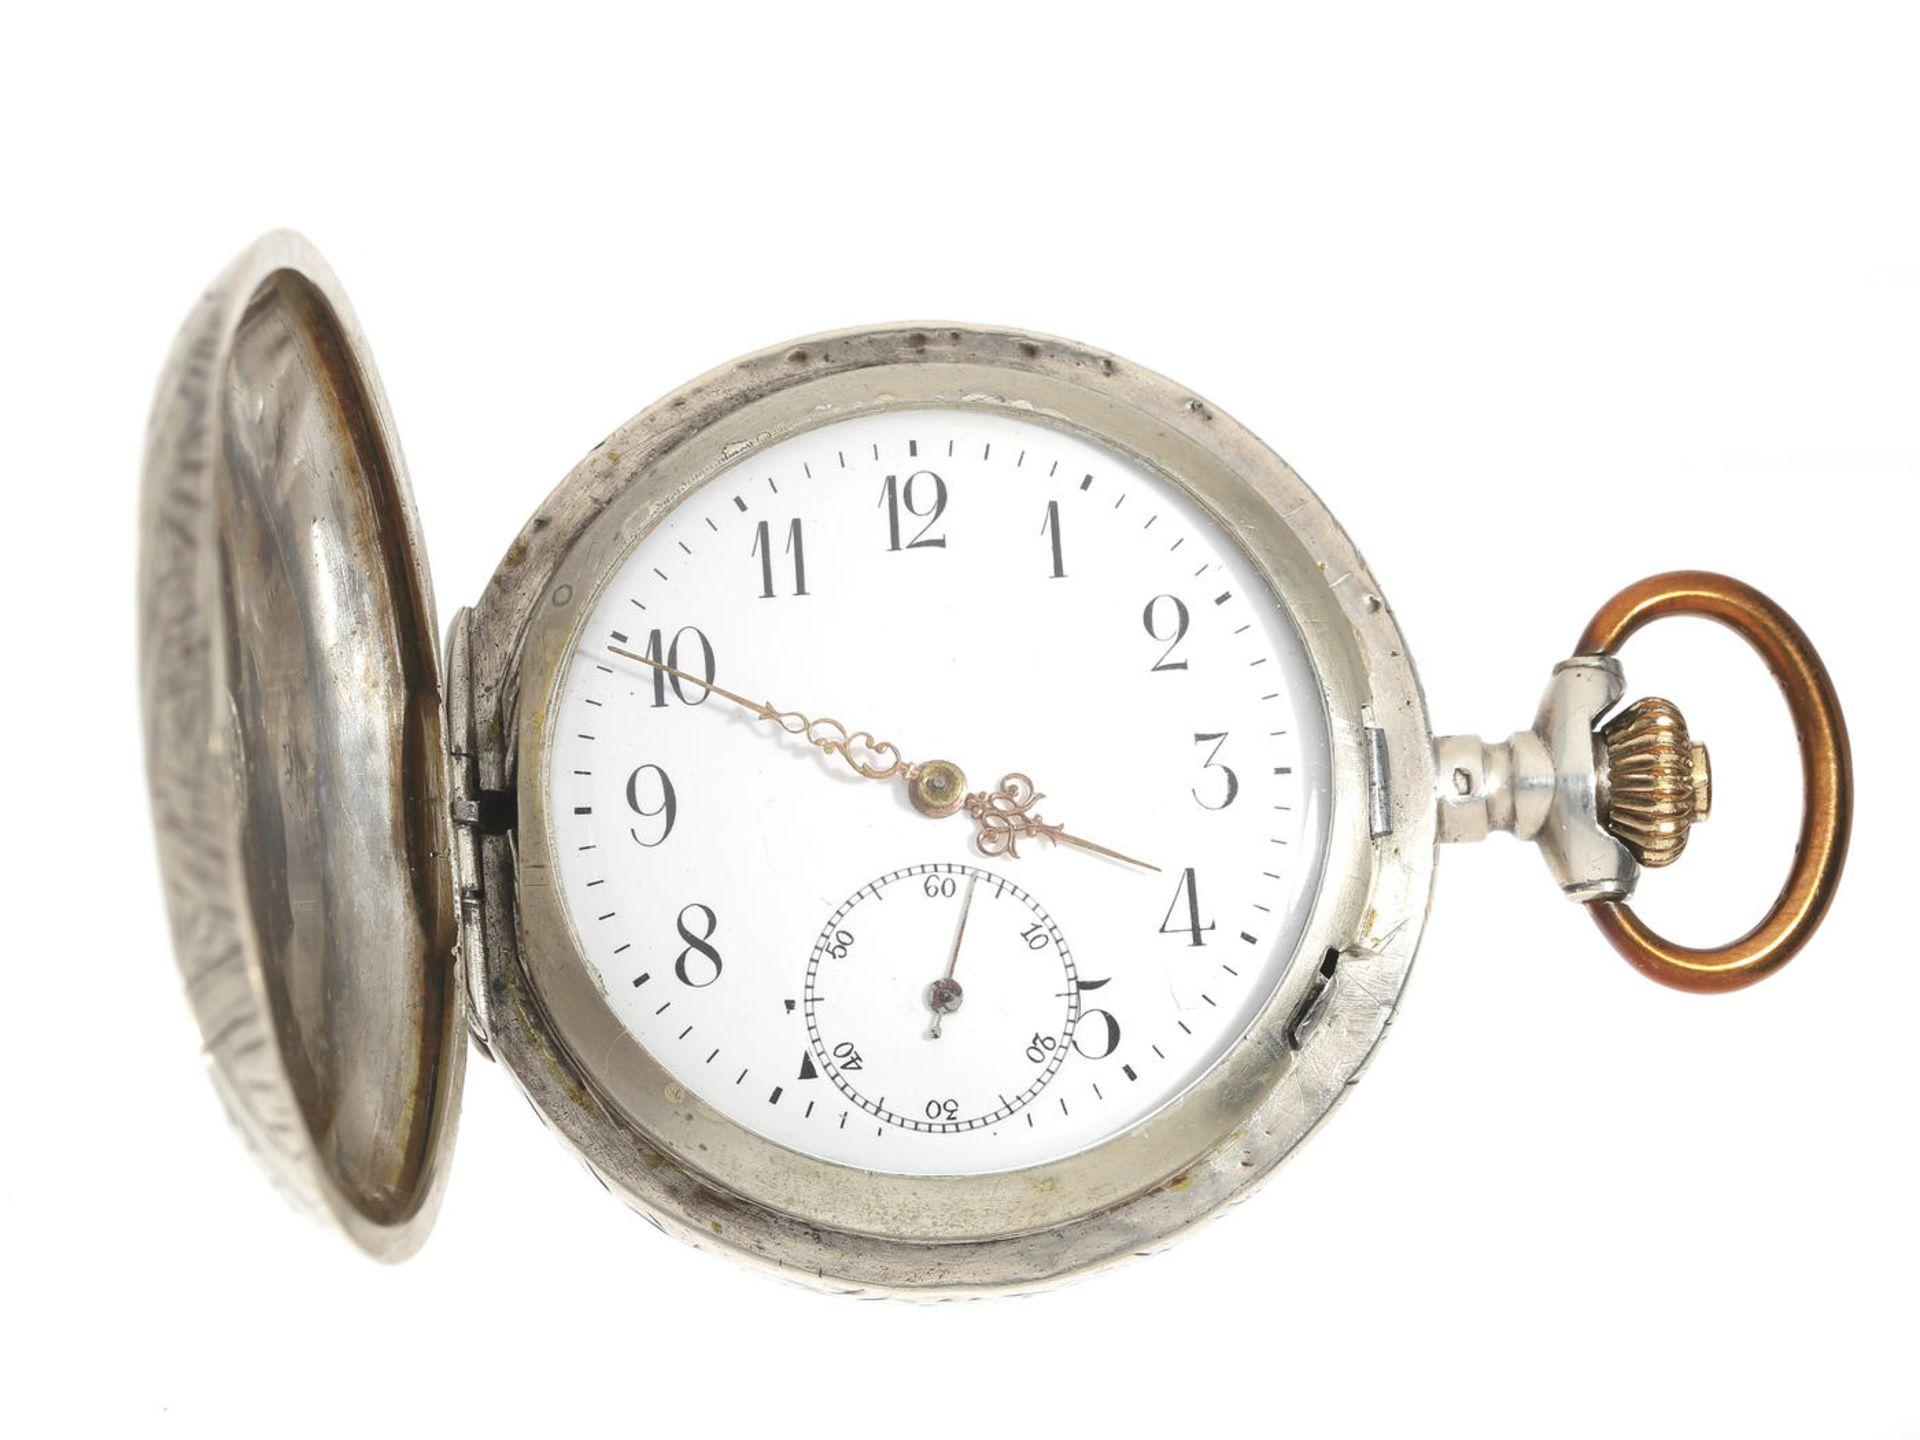 Taschenuhr: frühe Silbersavonnette mit graviertem Gehäuse und Präzisionswerk, Weber & Dubois La